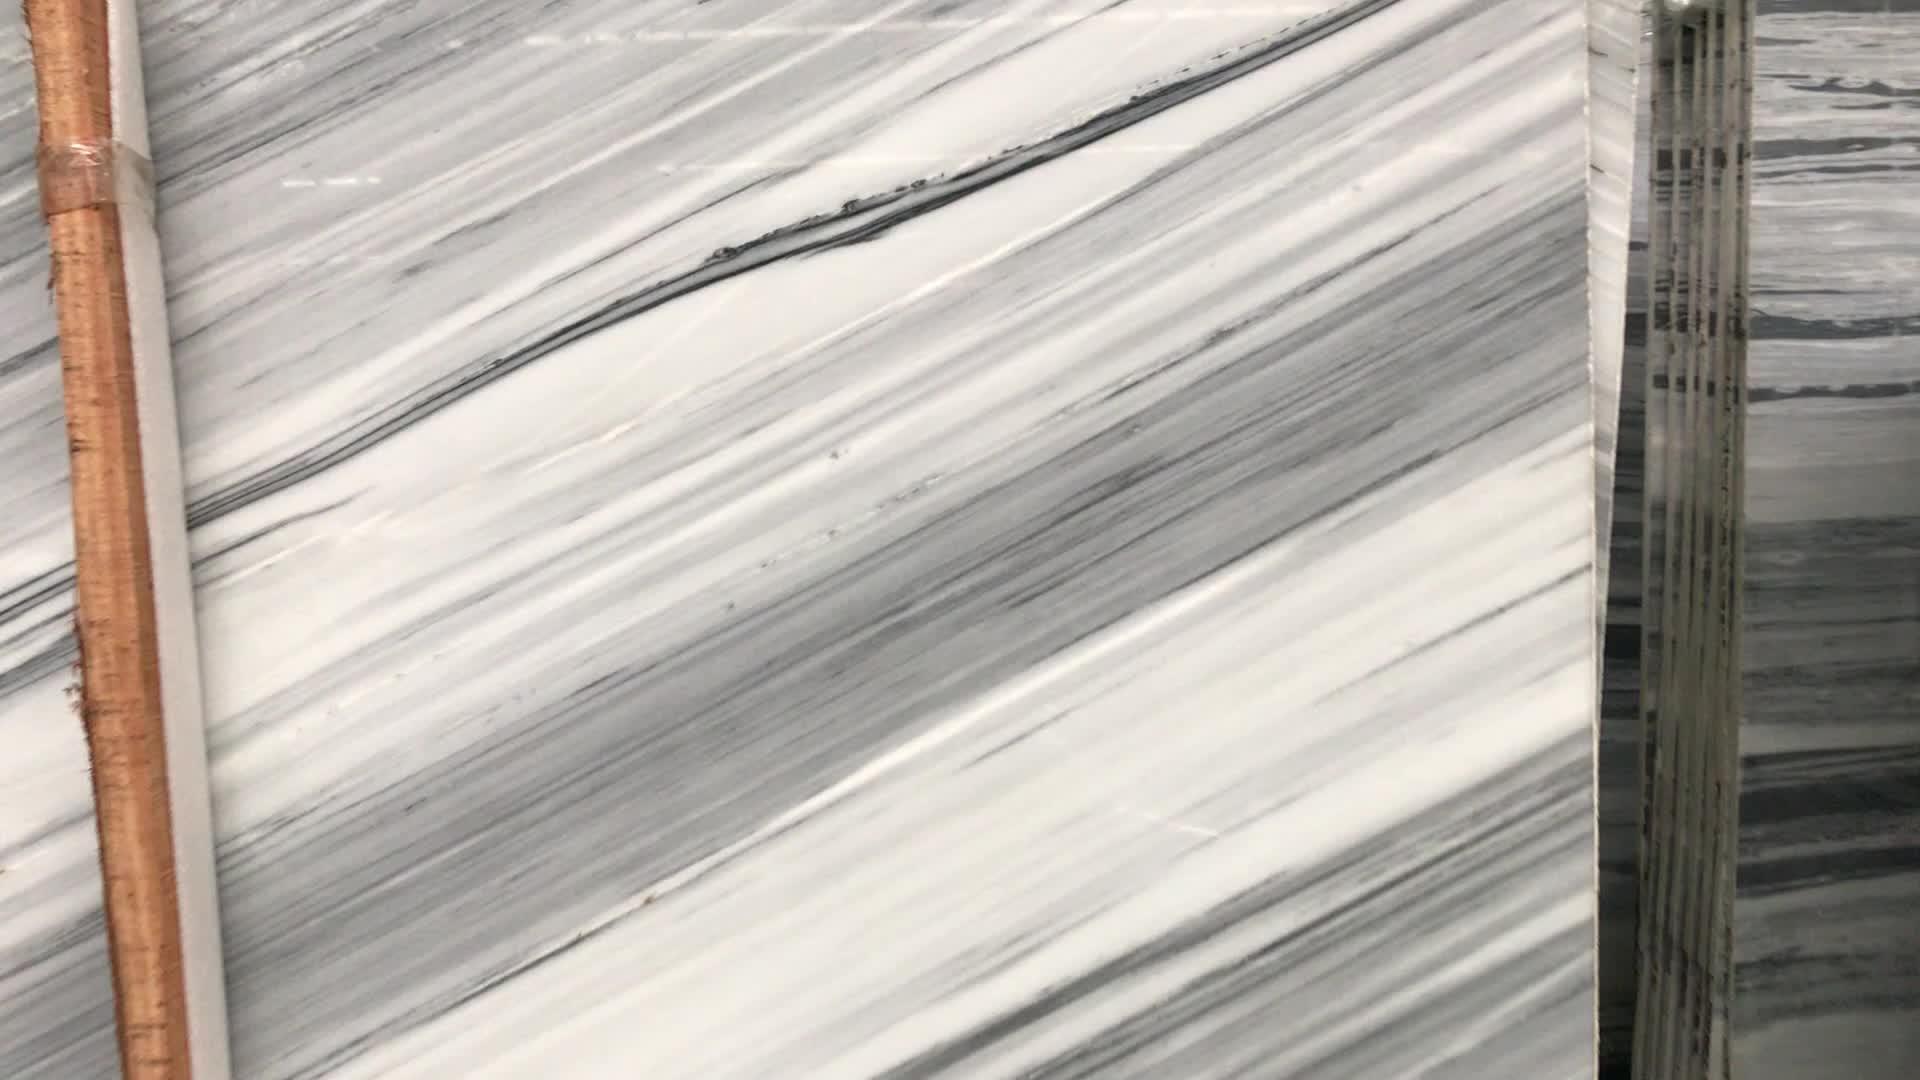 대리석 price 당 스퀘어 (times square) meter 흰색 혈관에 및 Grey 정맥 Grey 대리석 식사 표 England Grey